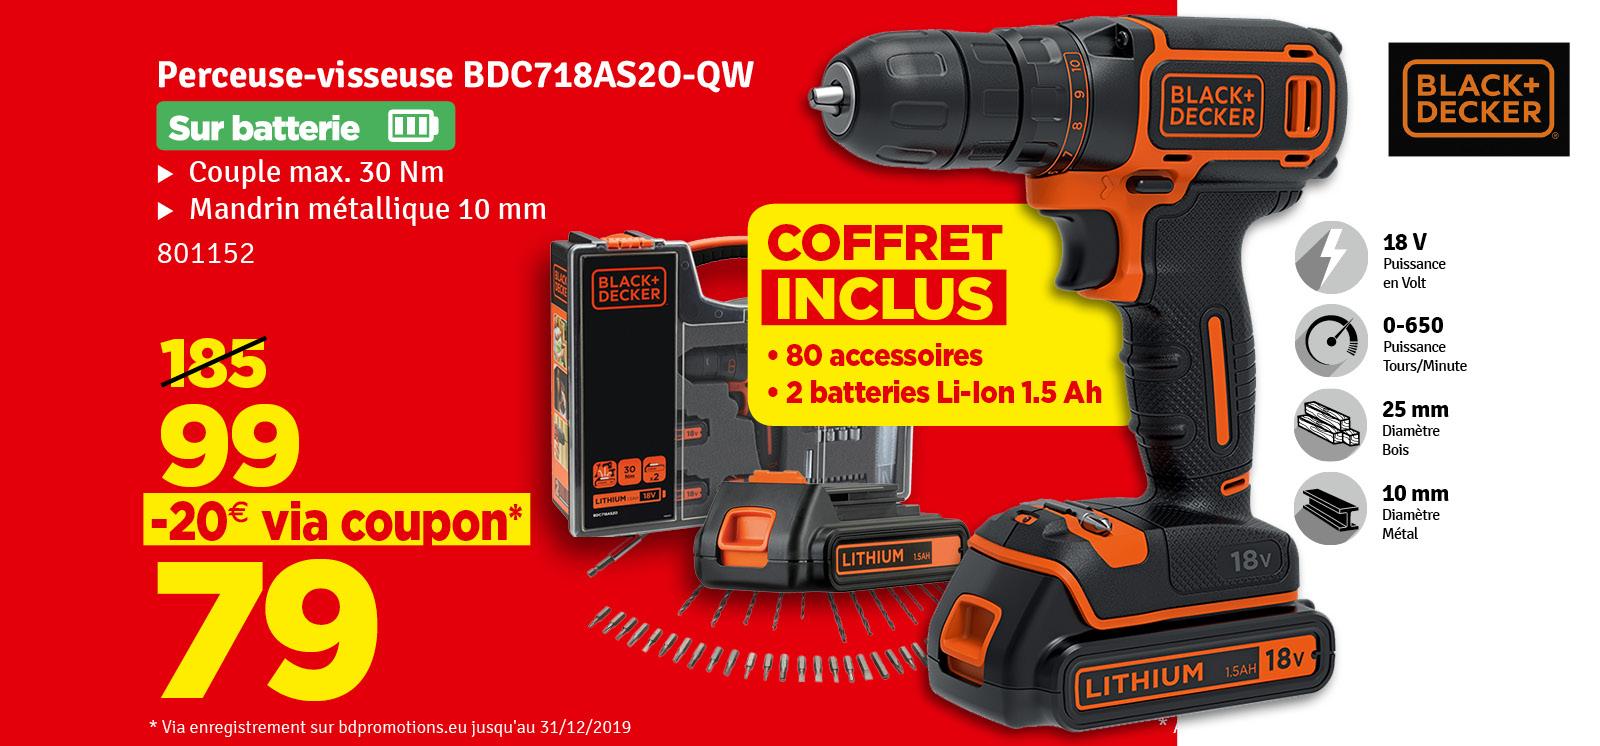 Promo - Perceuse visseuse BDC718AS2O-QW 18V avec 2 batteries et 80 accessoires BLACK+DECKER